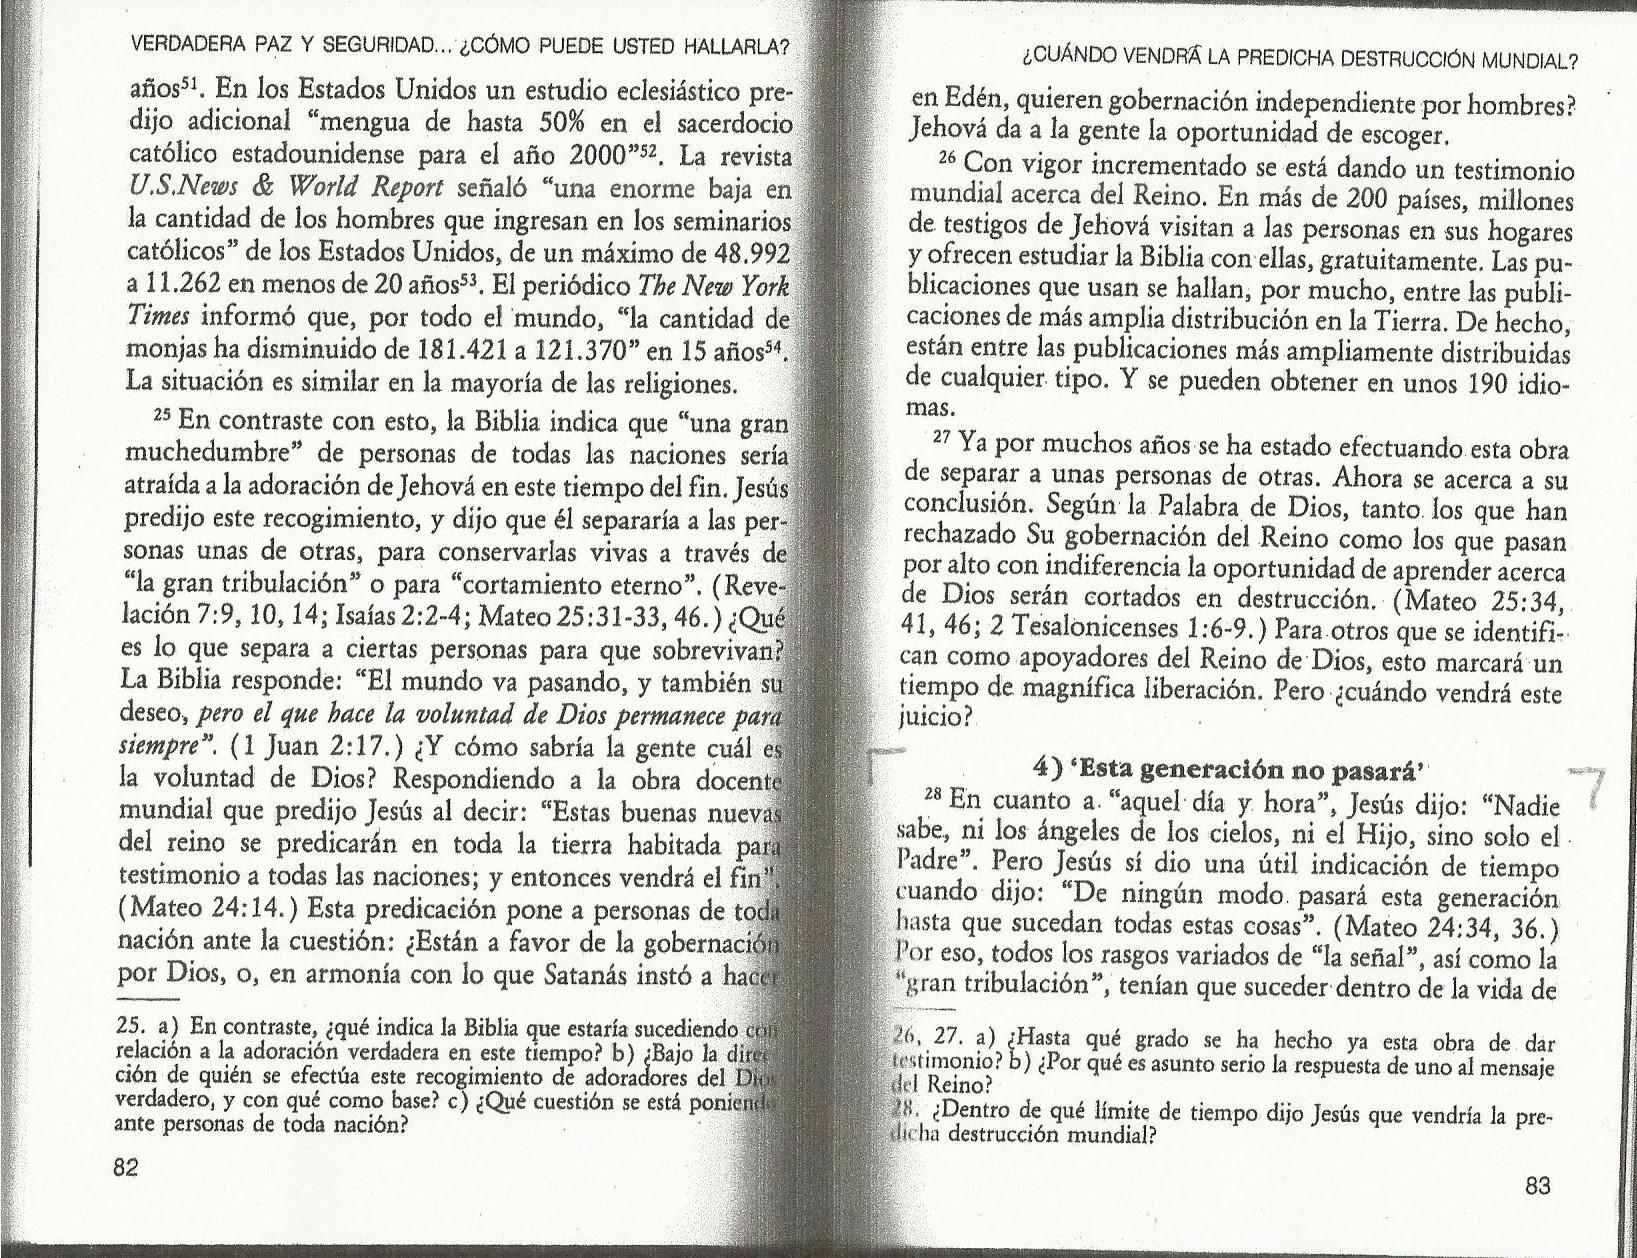 Generación Paz y seguridad pág 83, párr 28(a)